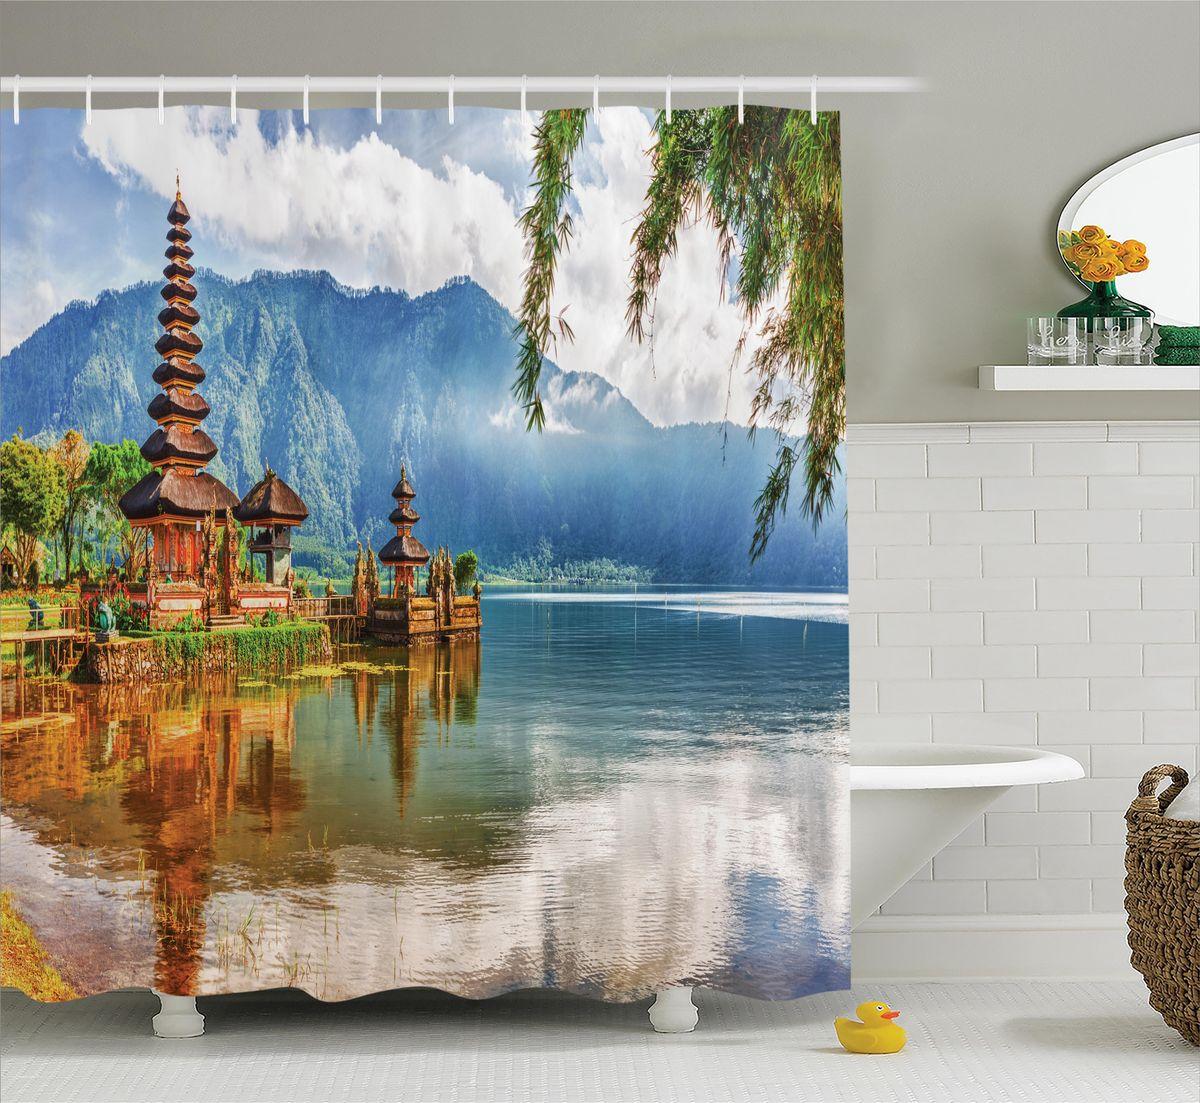 Штора для ванной комнаты Magic Lady Деревянная пагода над водой, 180 х 200 смшв_12249Штора Magic Lady Деревянная пагода над водой, изготовленная из высококачественного сатена (полиэстер 100%), отлично дополнит любой интерьер ванной комнаты. При изготовлении используются специальные гипоаллергенные чернила для прямой печати по ткани, безопасные для человека. В комплекте: 1 штора, 12 крючков. Обращаем ваше внимание, фактический цвет изделия может незначительно отличаться от представленного на фото.